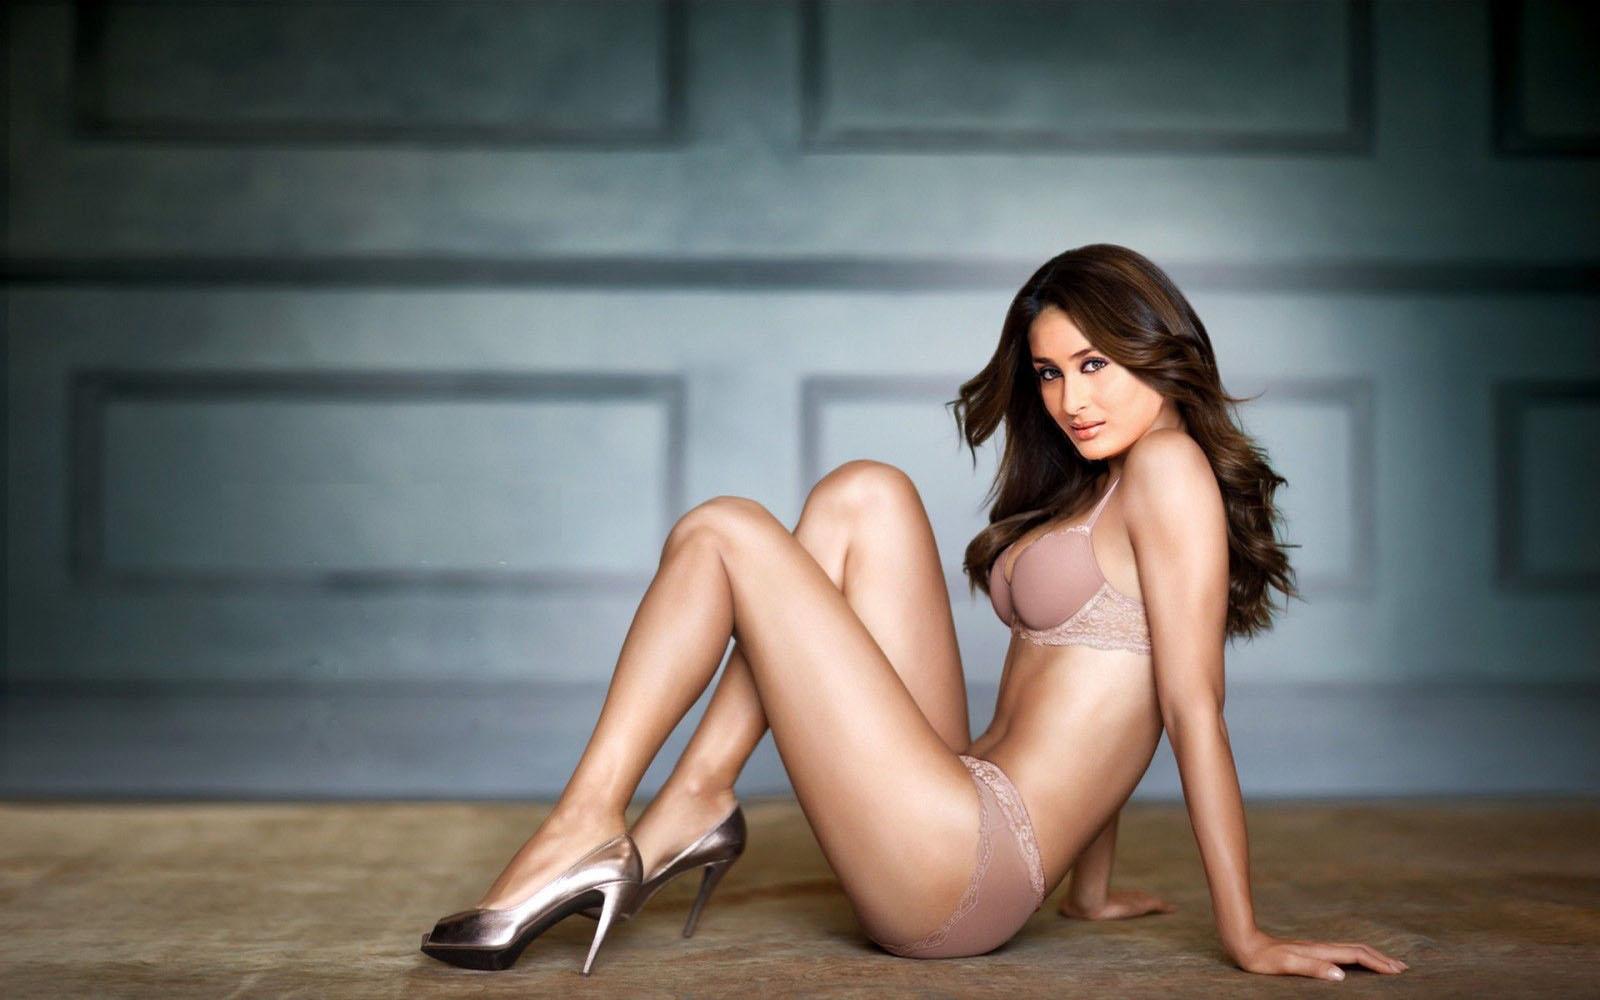 Сматреть знамети актрис голи безплатно 10 фотография